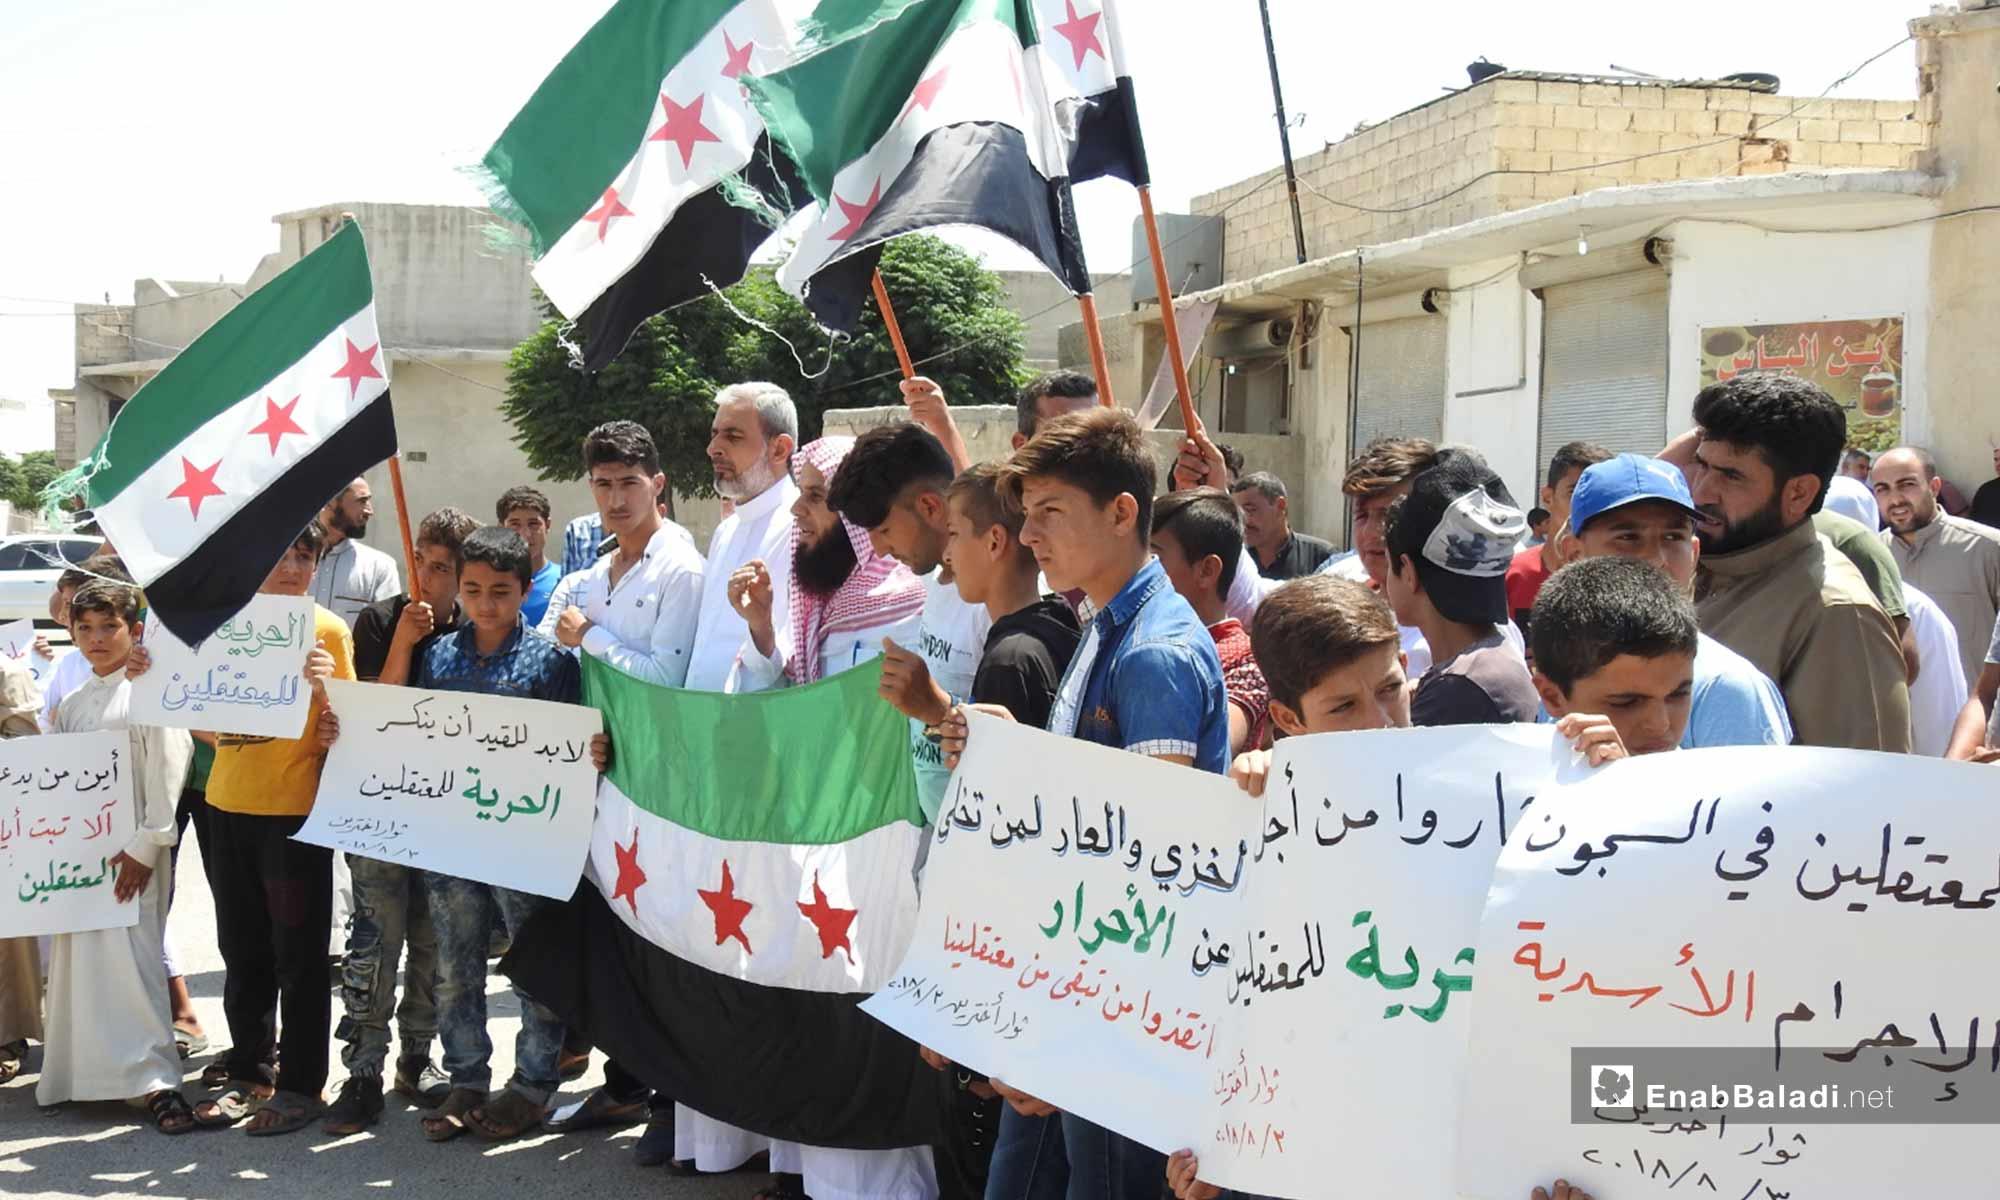 وقفة احتجاجية ضد الانتهاكات بحق المعقتلين السوريين في بلدة أخترين بريف حلب الشمالي - 3 من آب 2018 (عنب بلدي)